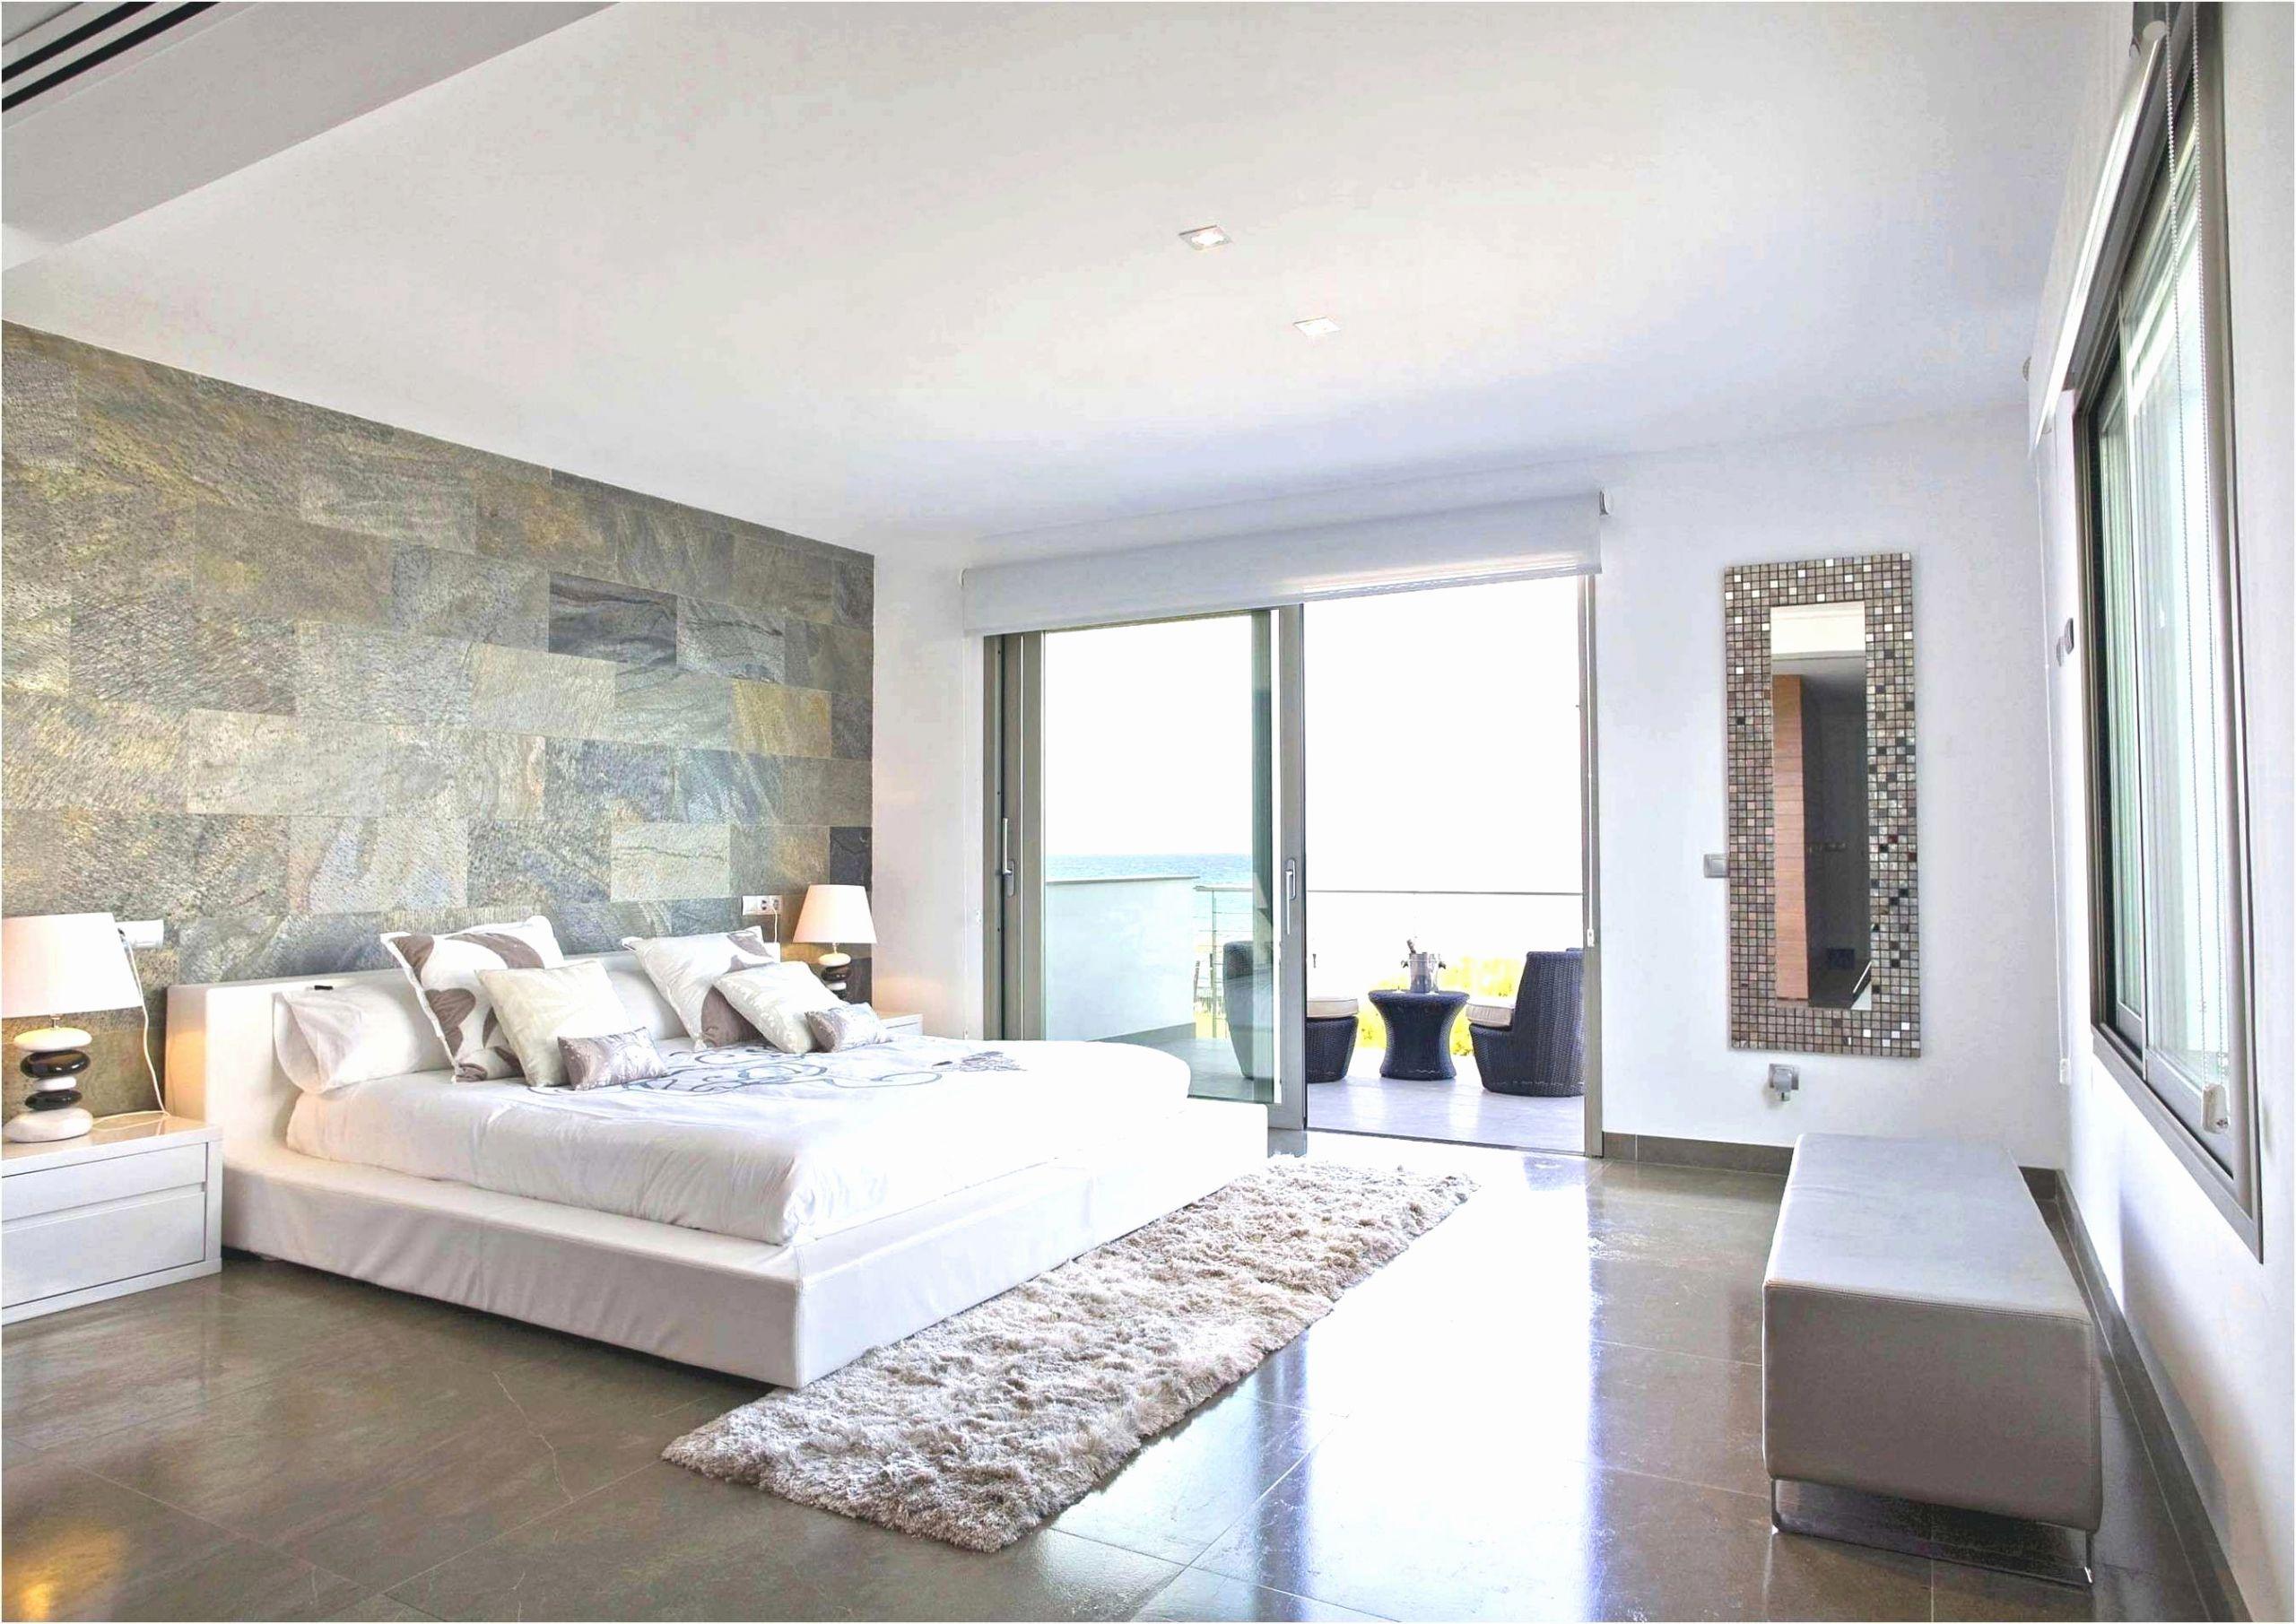 licht ideen wohnzimmer schon wohnzimmer licht ideen elegant lampen und leuchten wohnzimmer of licht ideen wohnzimmer